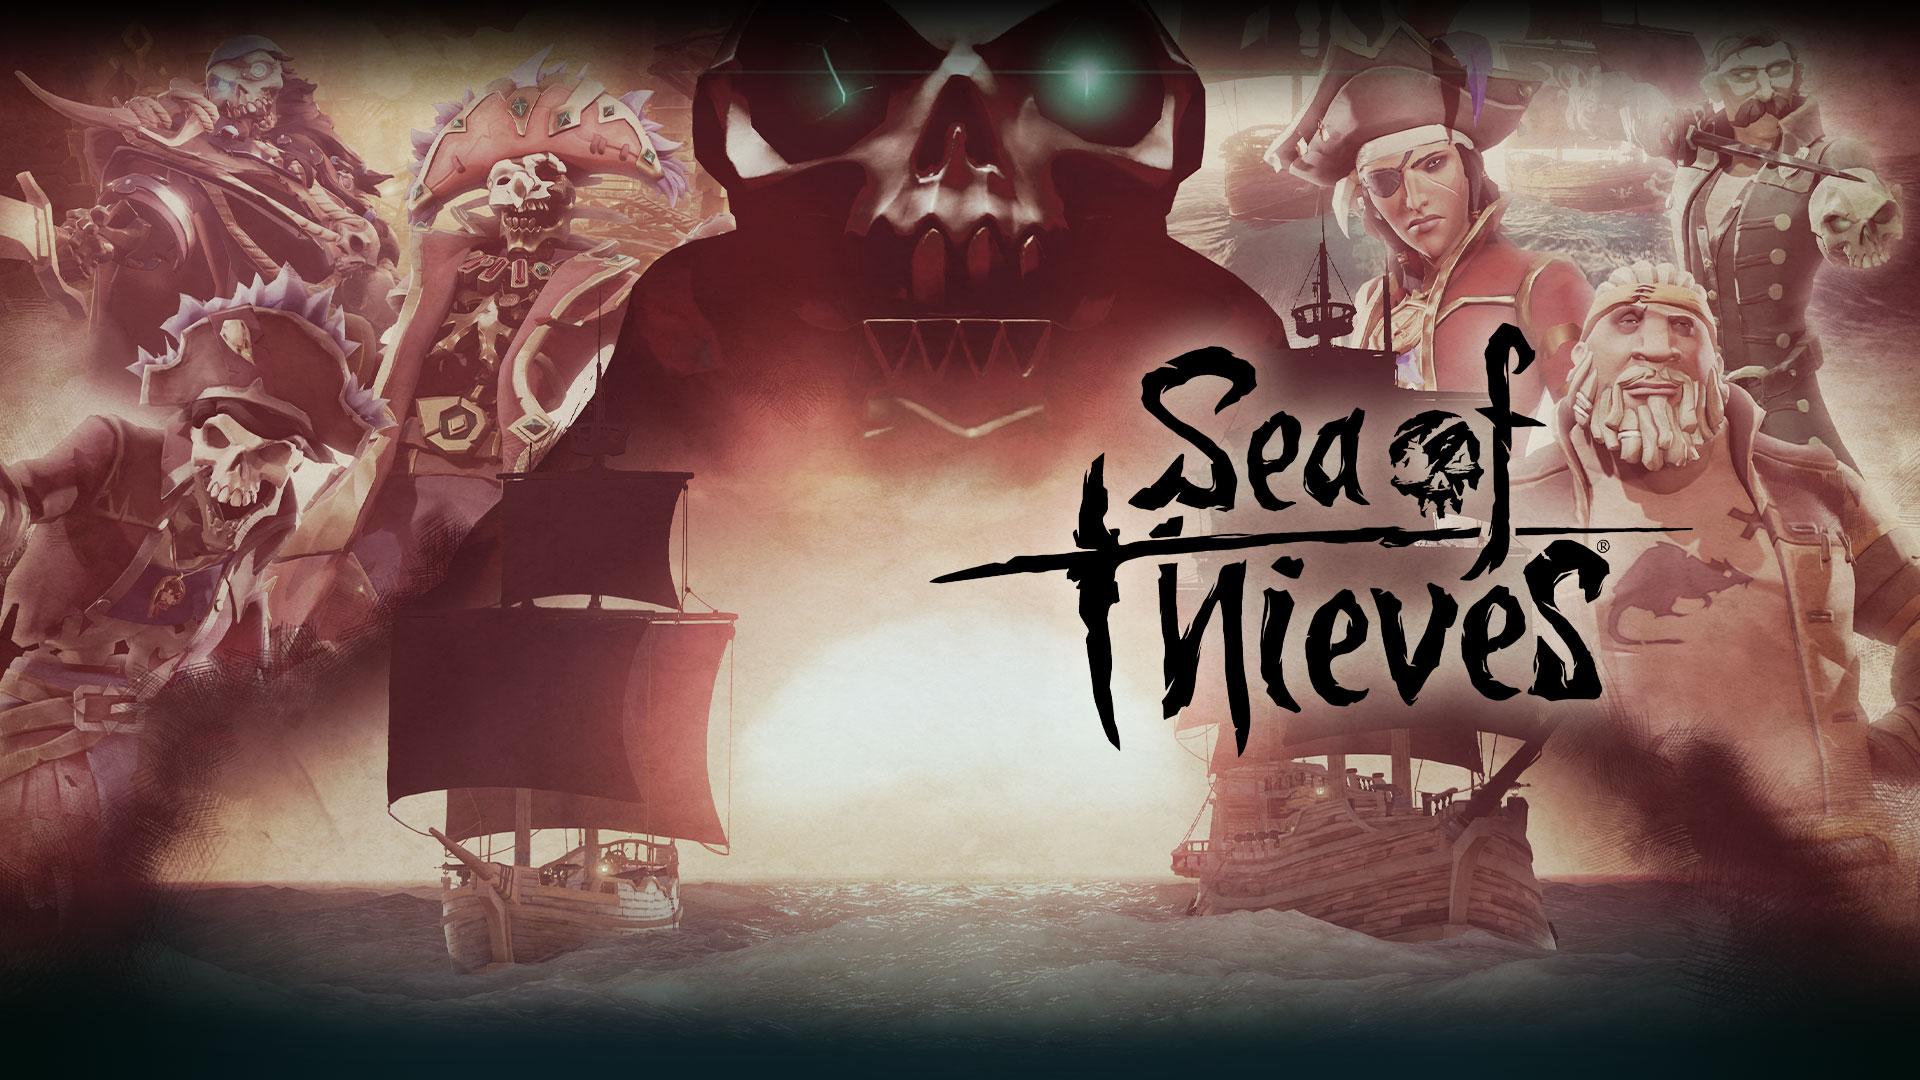 Sea of Thieves, una gran calavera cuelga sobre dos barcos con un collage de personajes en el fondo.